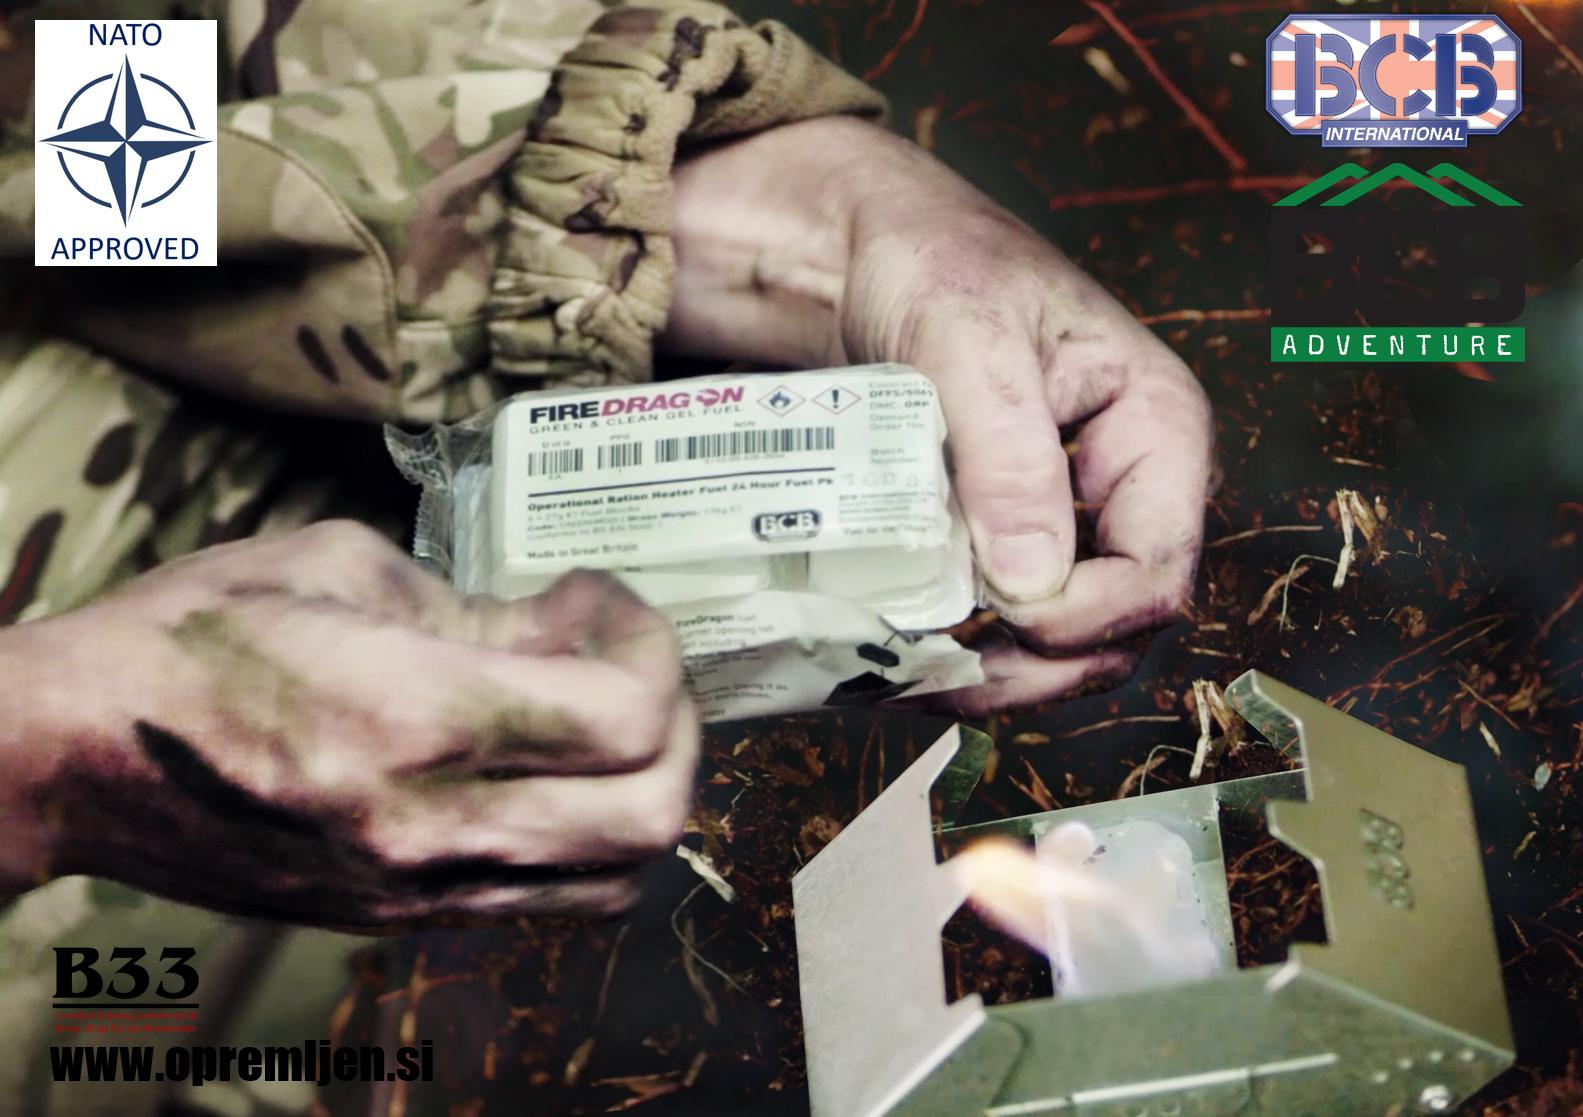 Vojaški zložljivi gorilnik FireDragon na gorilne tablete BCB International by B33 army shop at www.opremljen.si, trgovina z vojaško opremo, vojaška trgovina